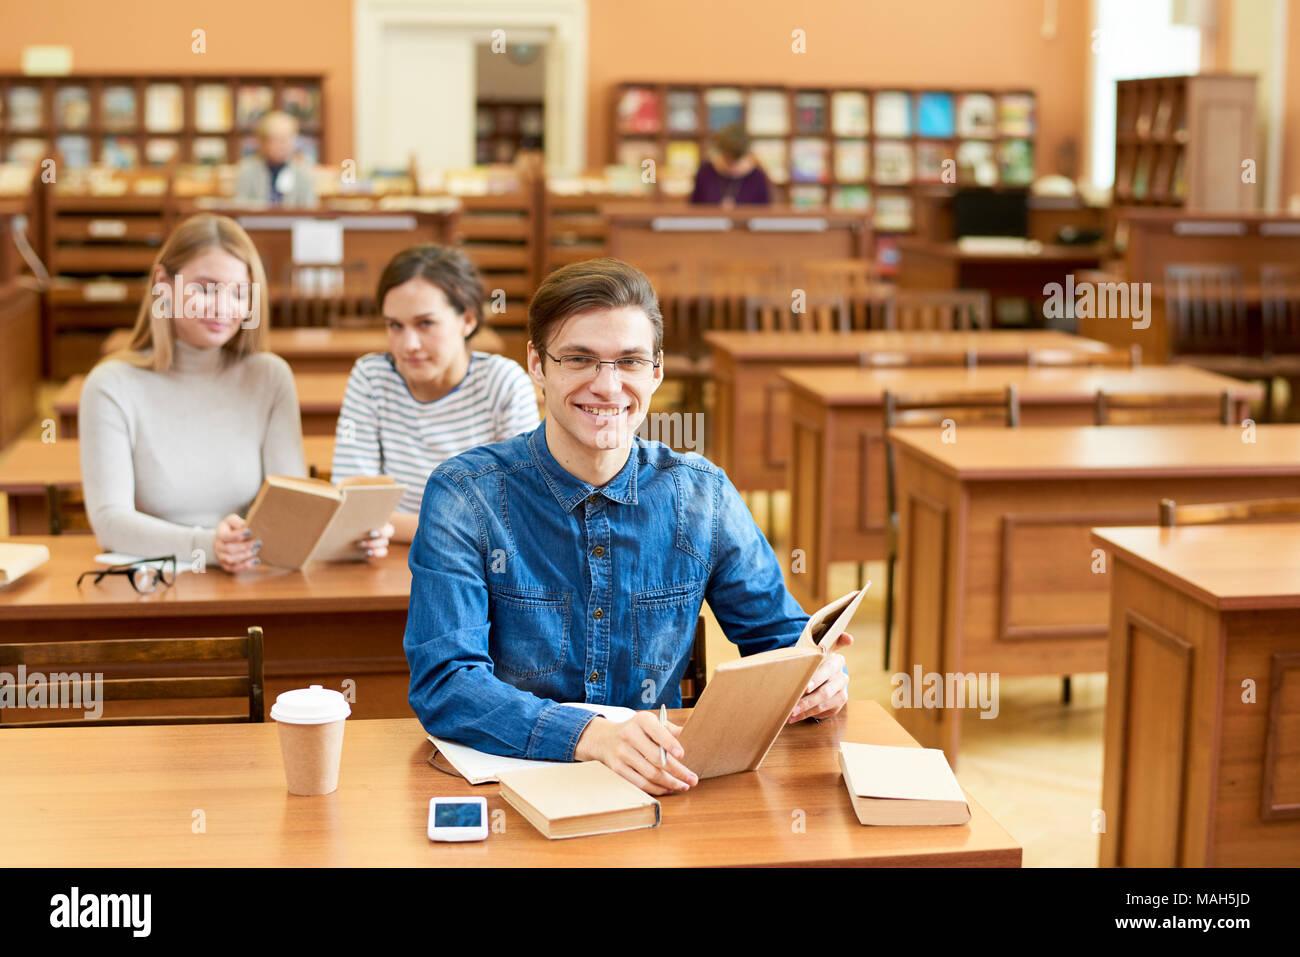 Aufgeregt fleissiger Student in Bibliothek Stockbild